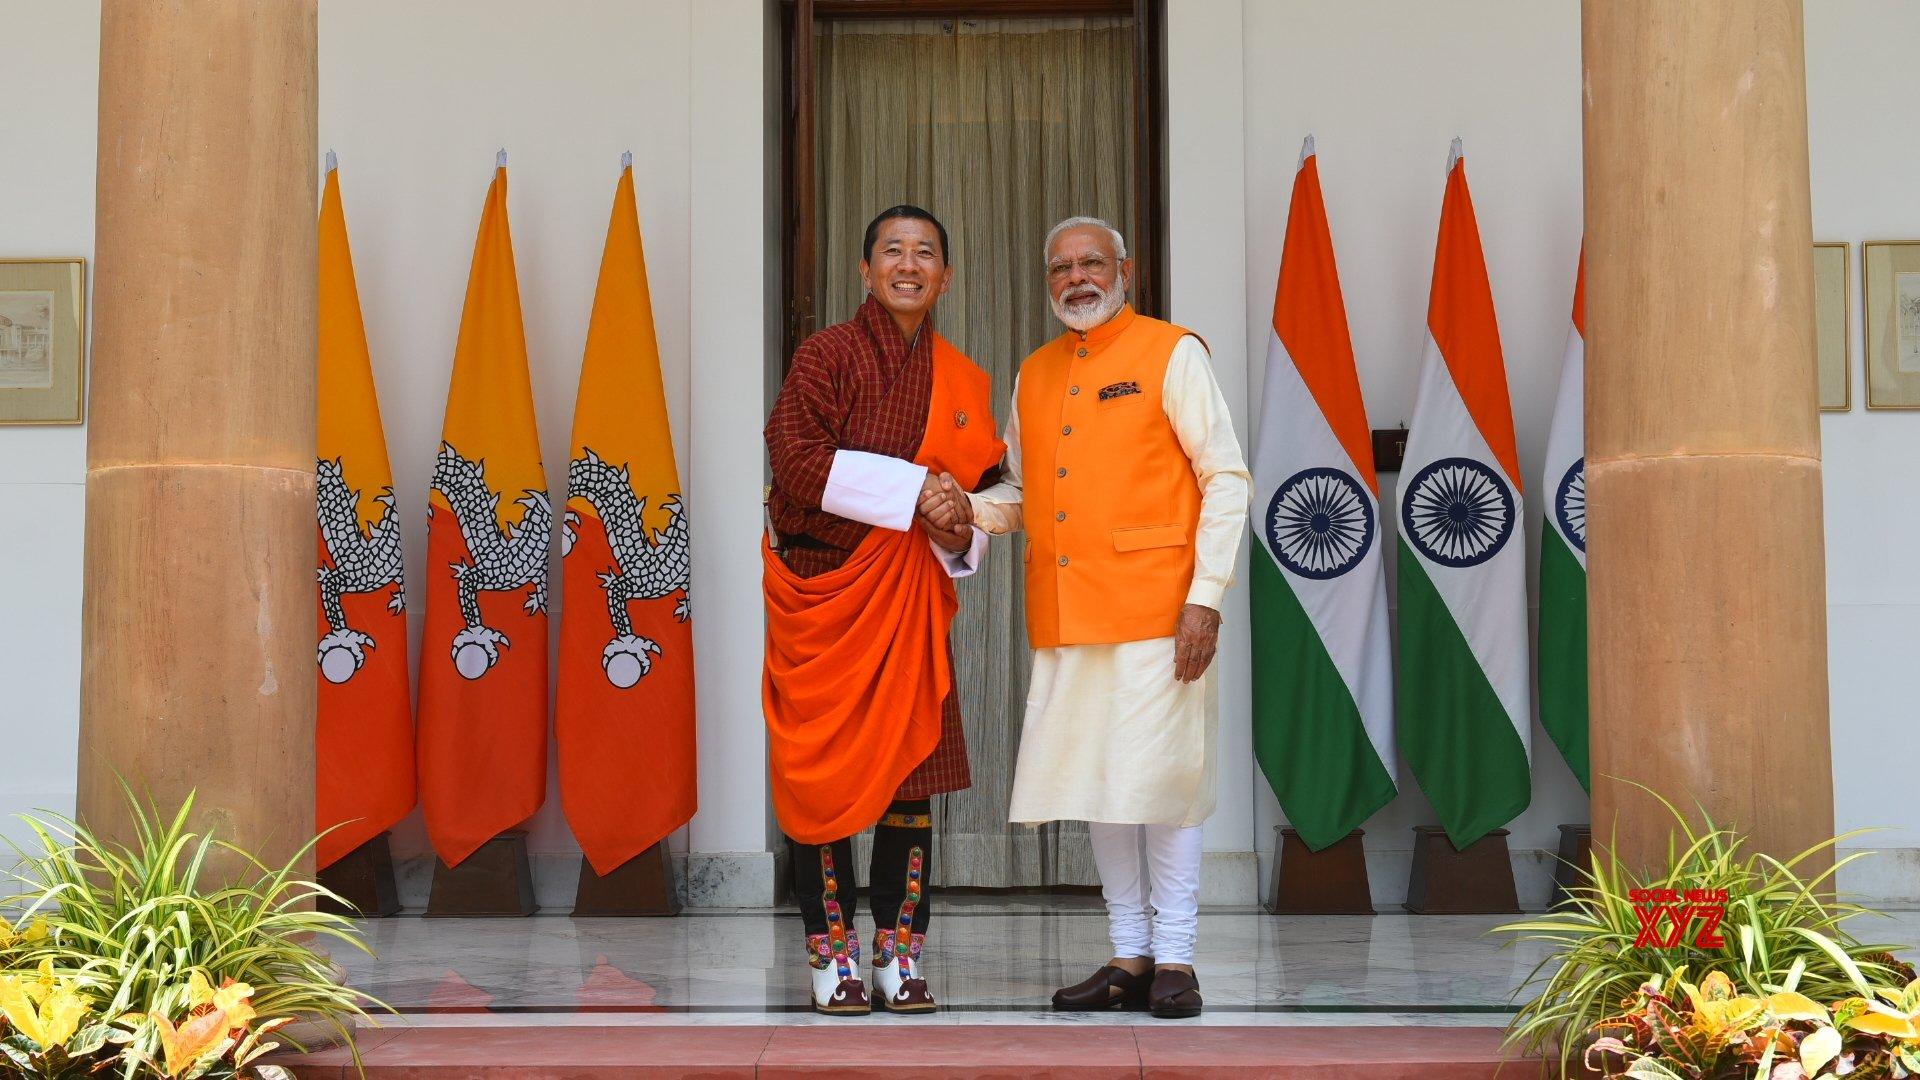 Modi is 'humble, natural', says Bhutan PM